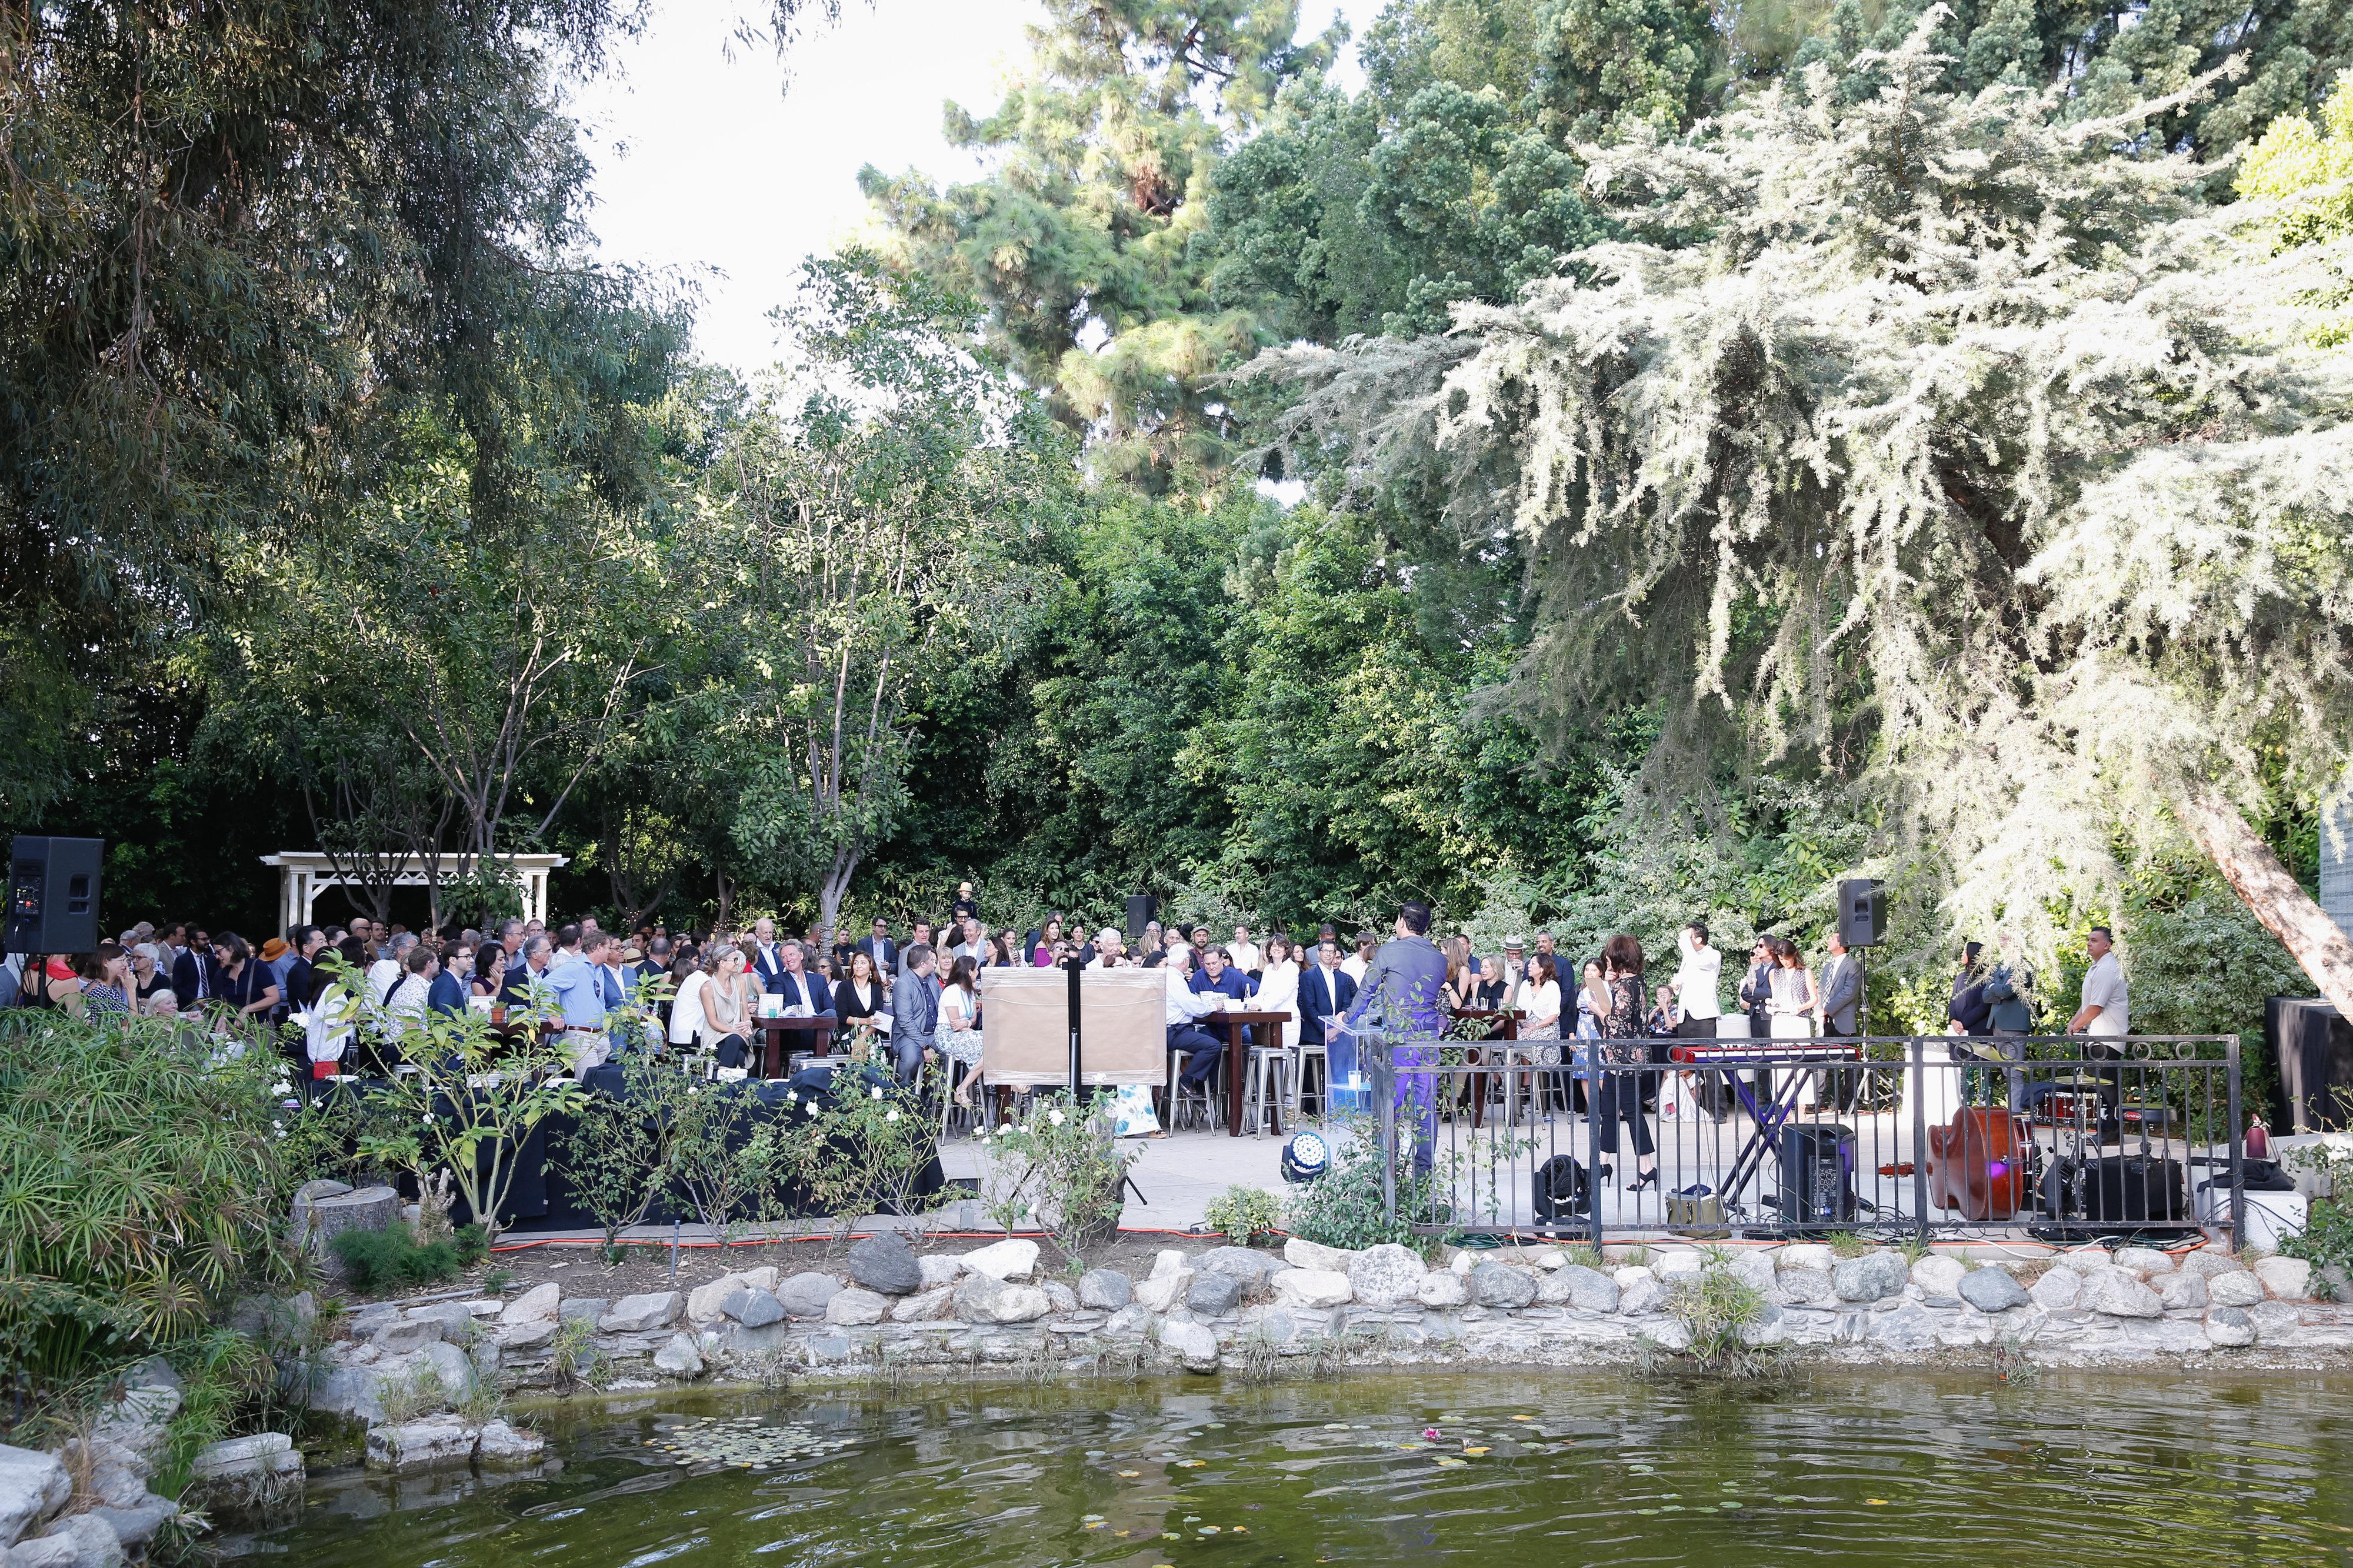 River_LA_Urban_Garden_Party_2017-RLA_Images-0250.jpg